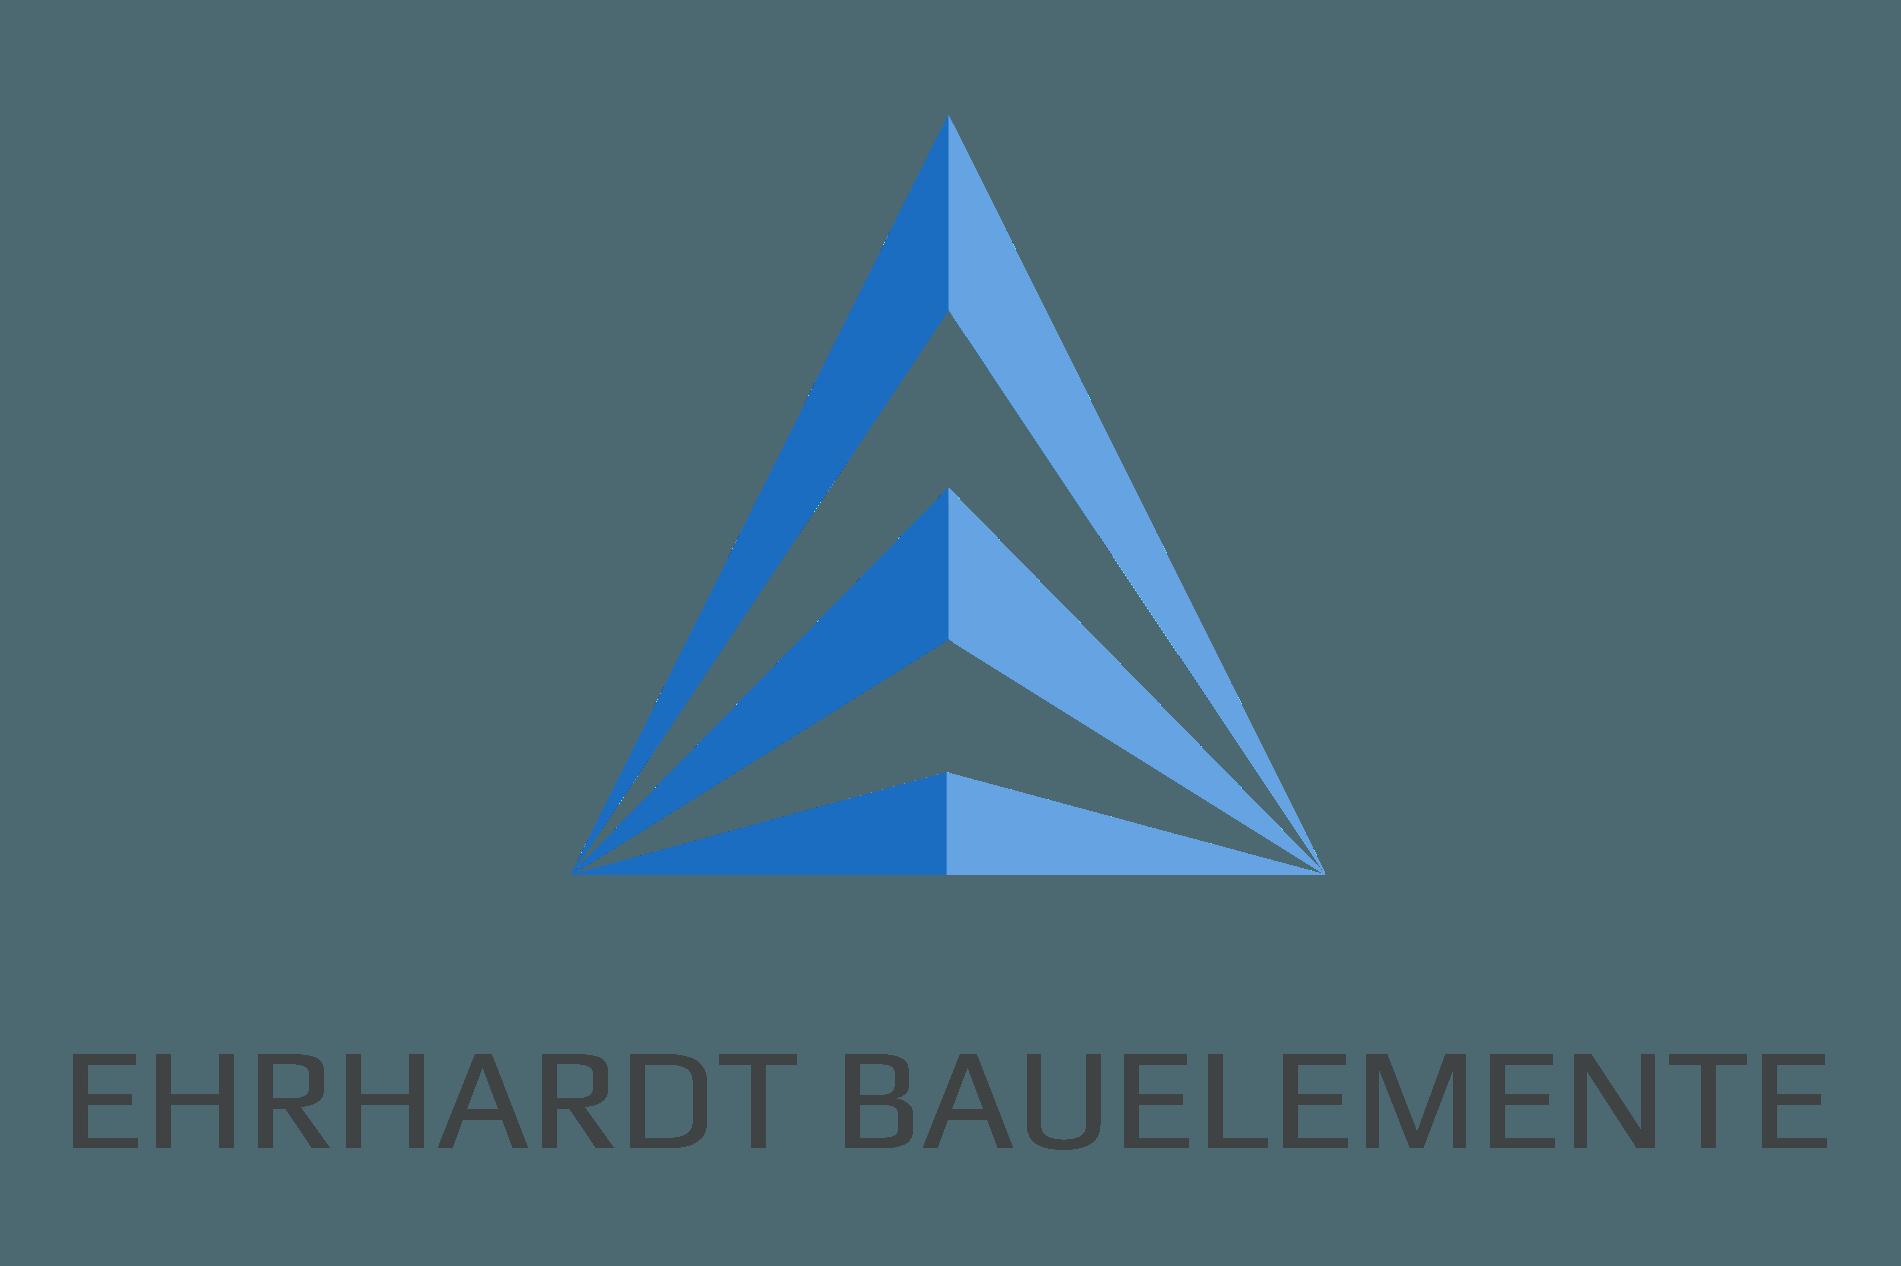 Ehrhardt Bauelemente